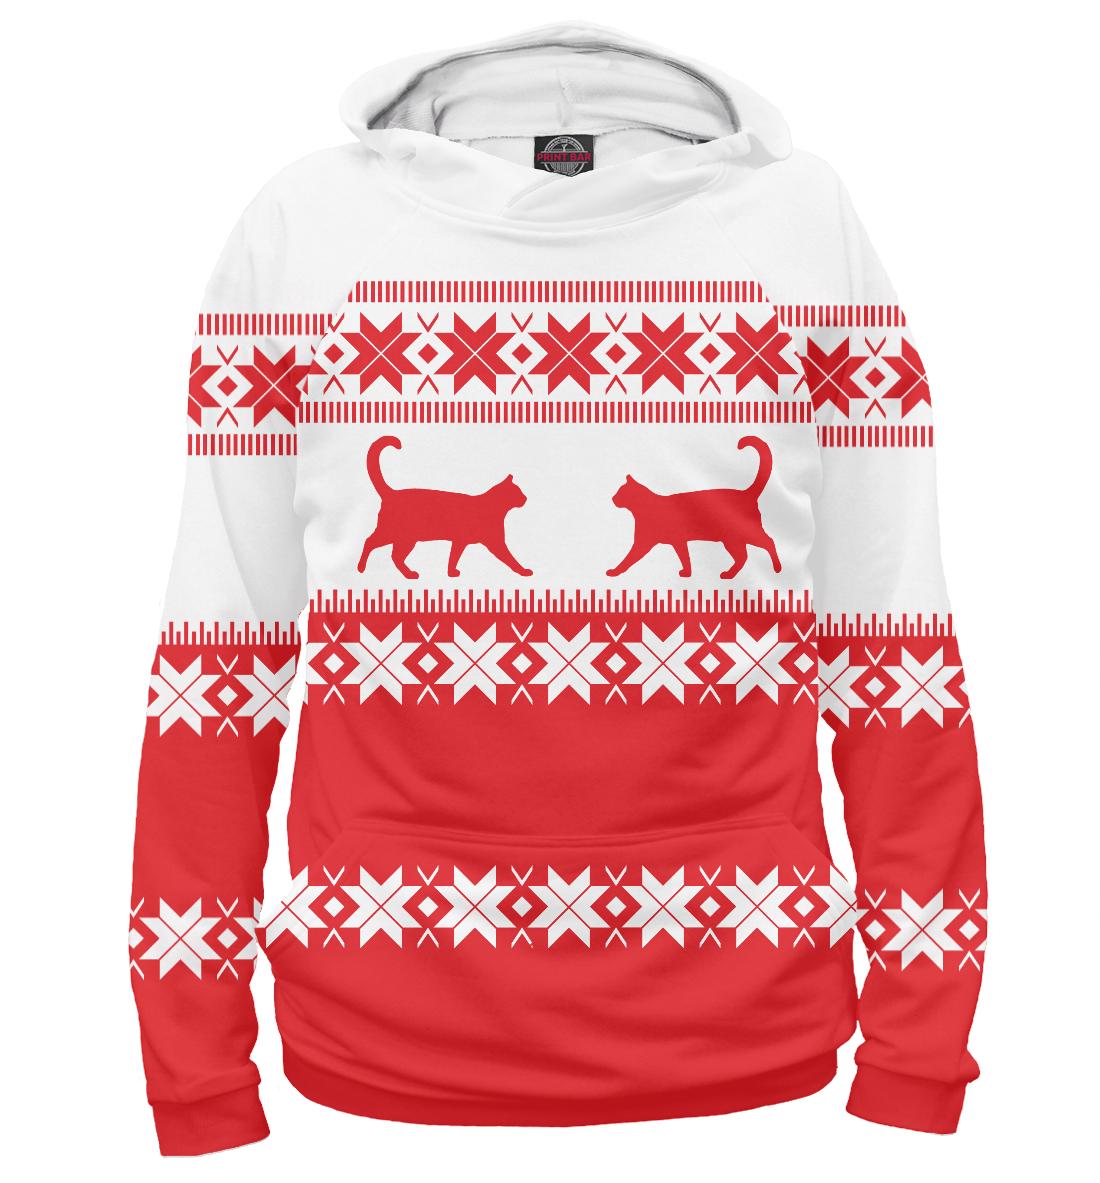 Купить Зимний свитер с котами, Printbar, Худи, CAT-395386-hud-2